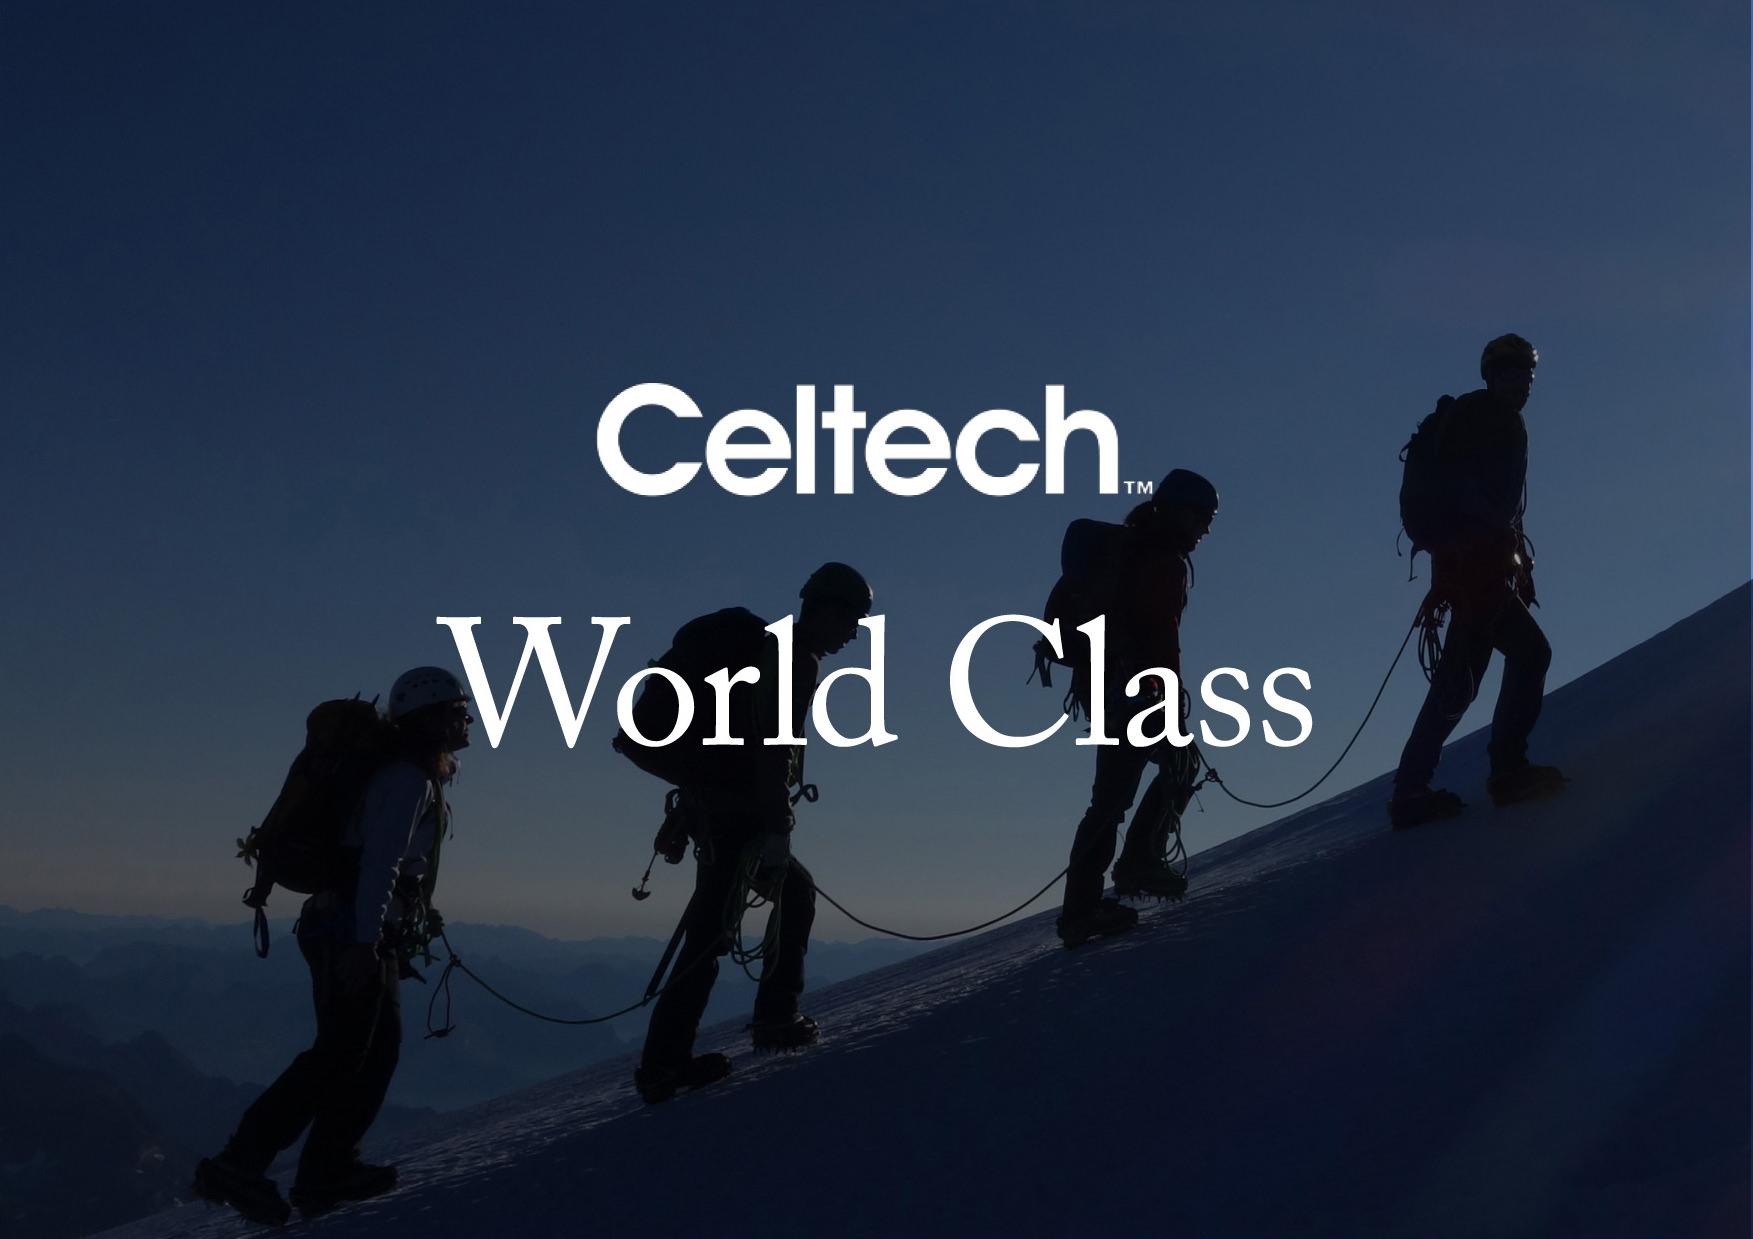 Celetech World Class_LMPP Studio 2.jpg